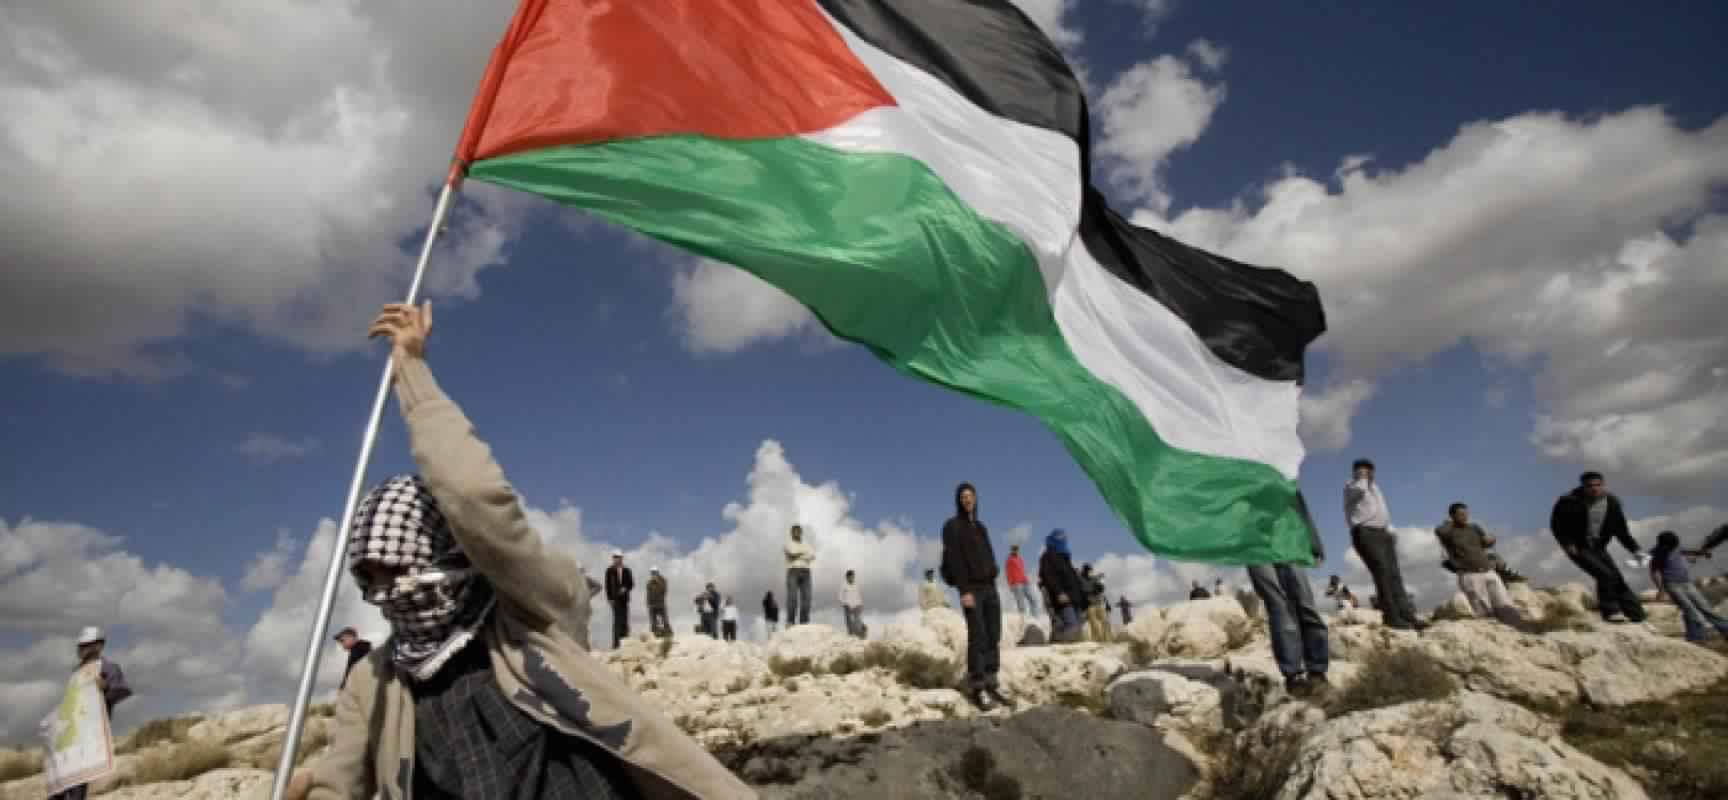 اليابان وفلسطين .. وعي يفتقر لبوصلة التاريخ